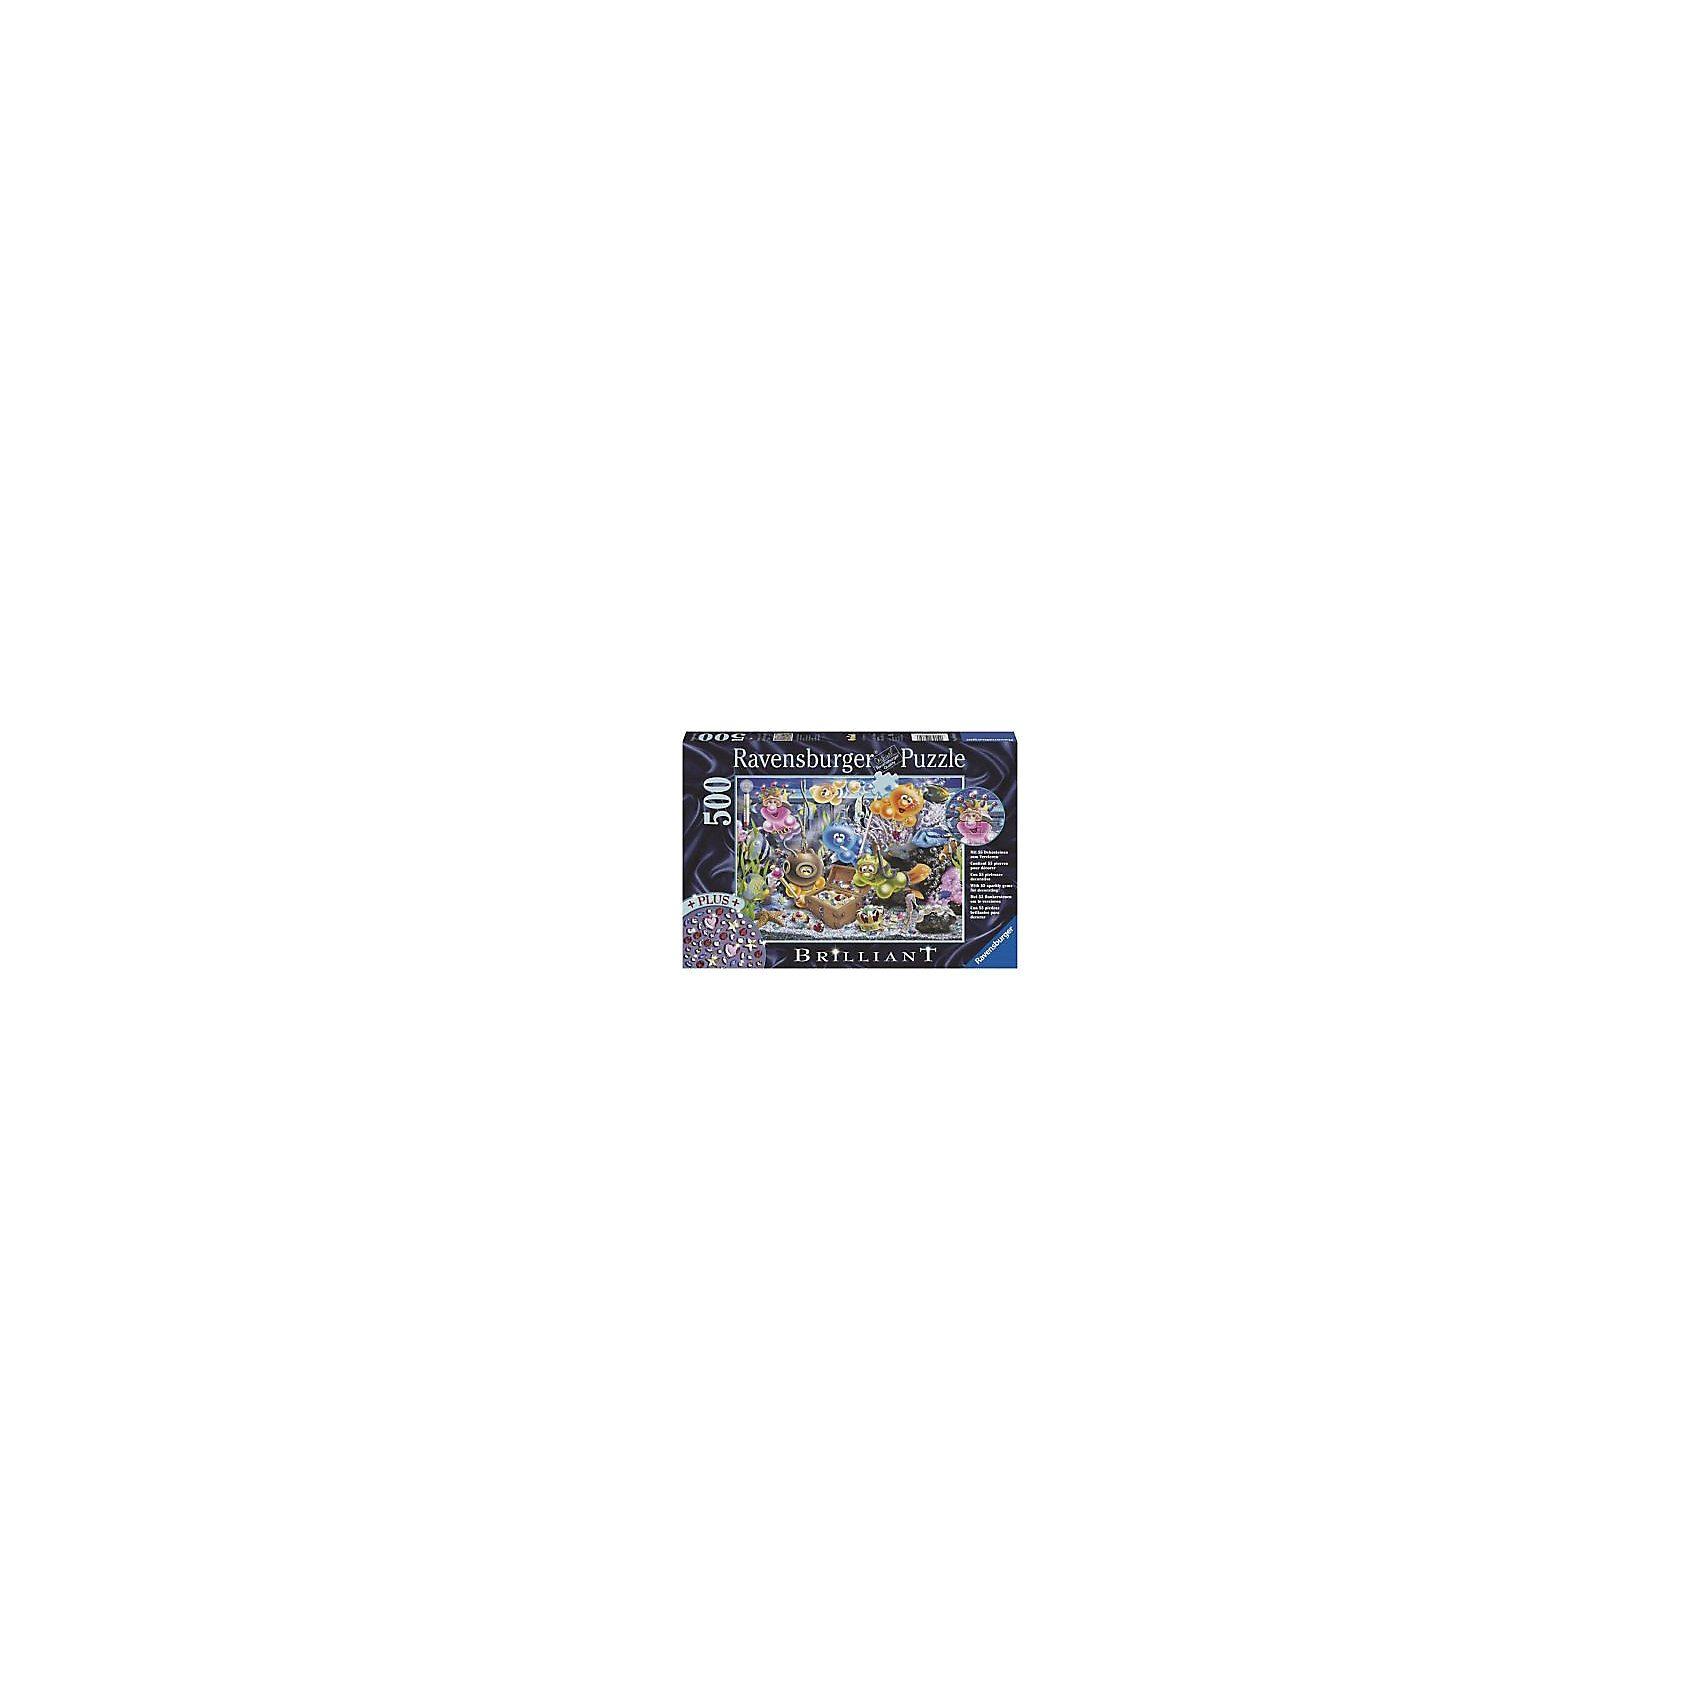 Ravensburger Puzzle Gelinis auf Schatzsuche 500 Teile